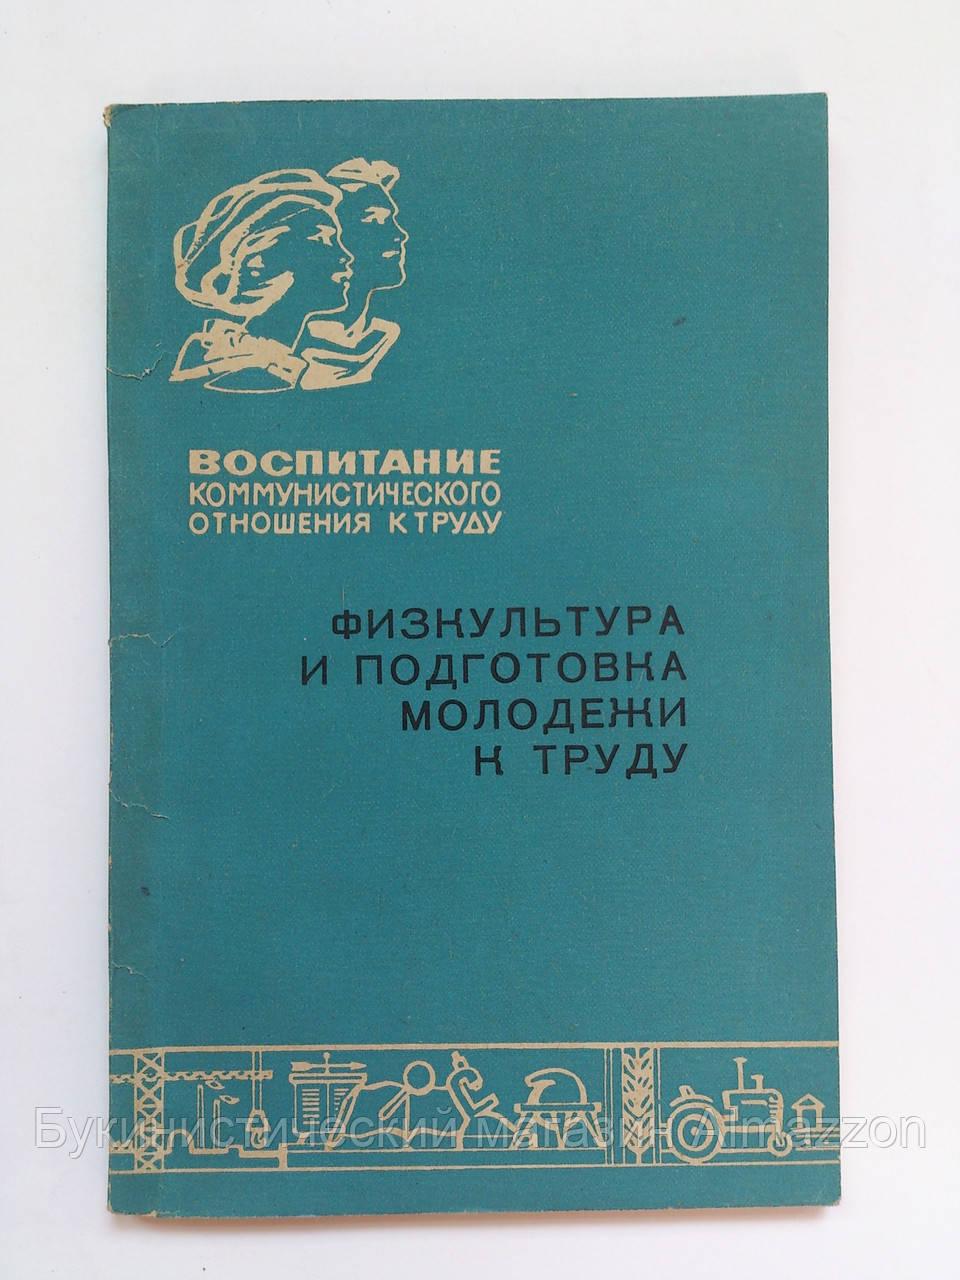 Физкультура и подготовка молодежи к труду. Воспитание коммунистического отношения к труду. 1963 год